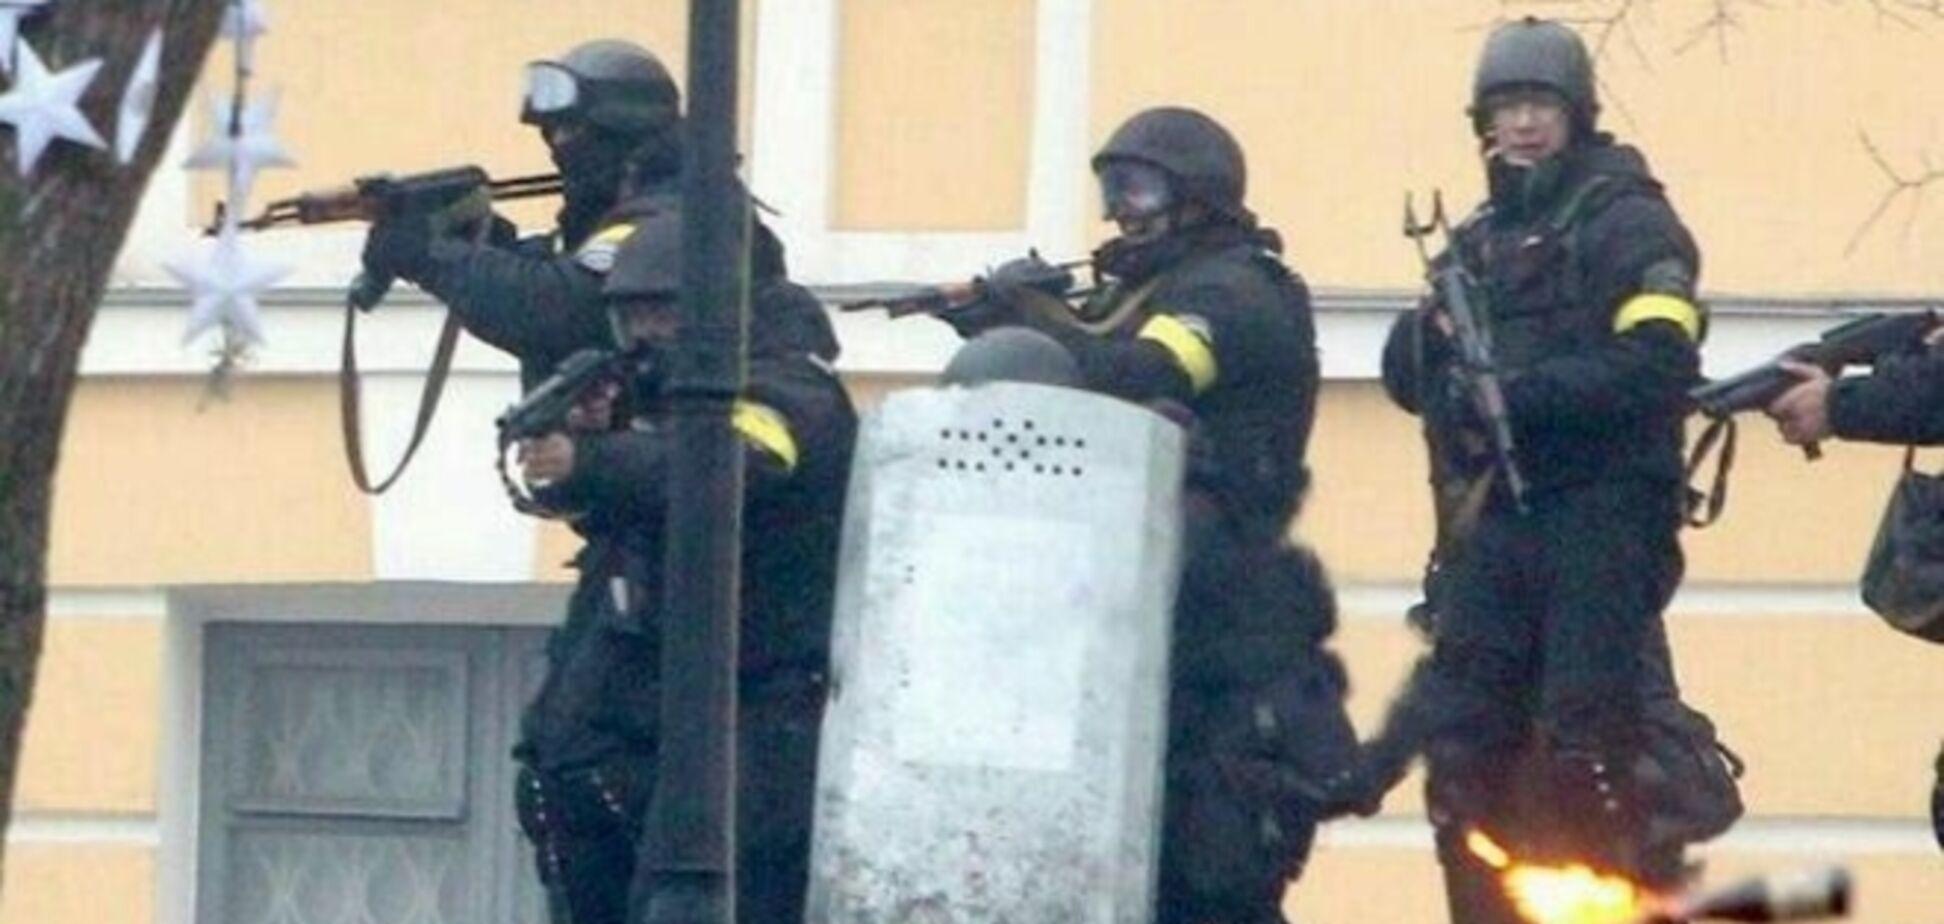 В июле троих беркутовцев ознакомят с доказательствами их причастности к расстрелу на Майдане